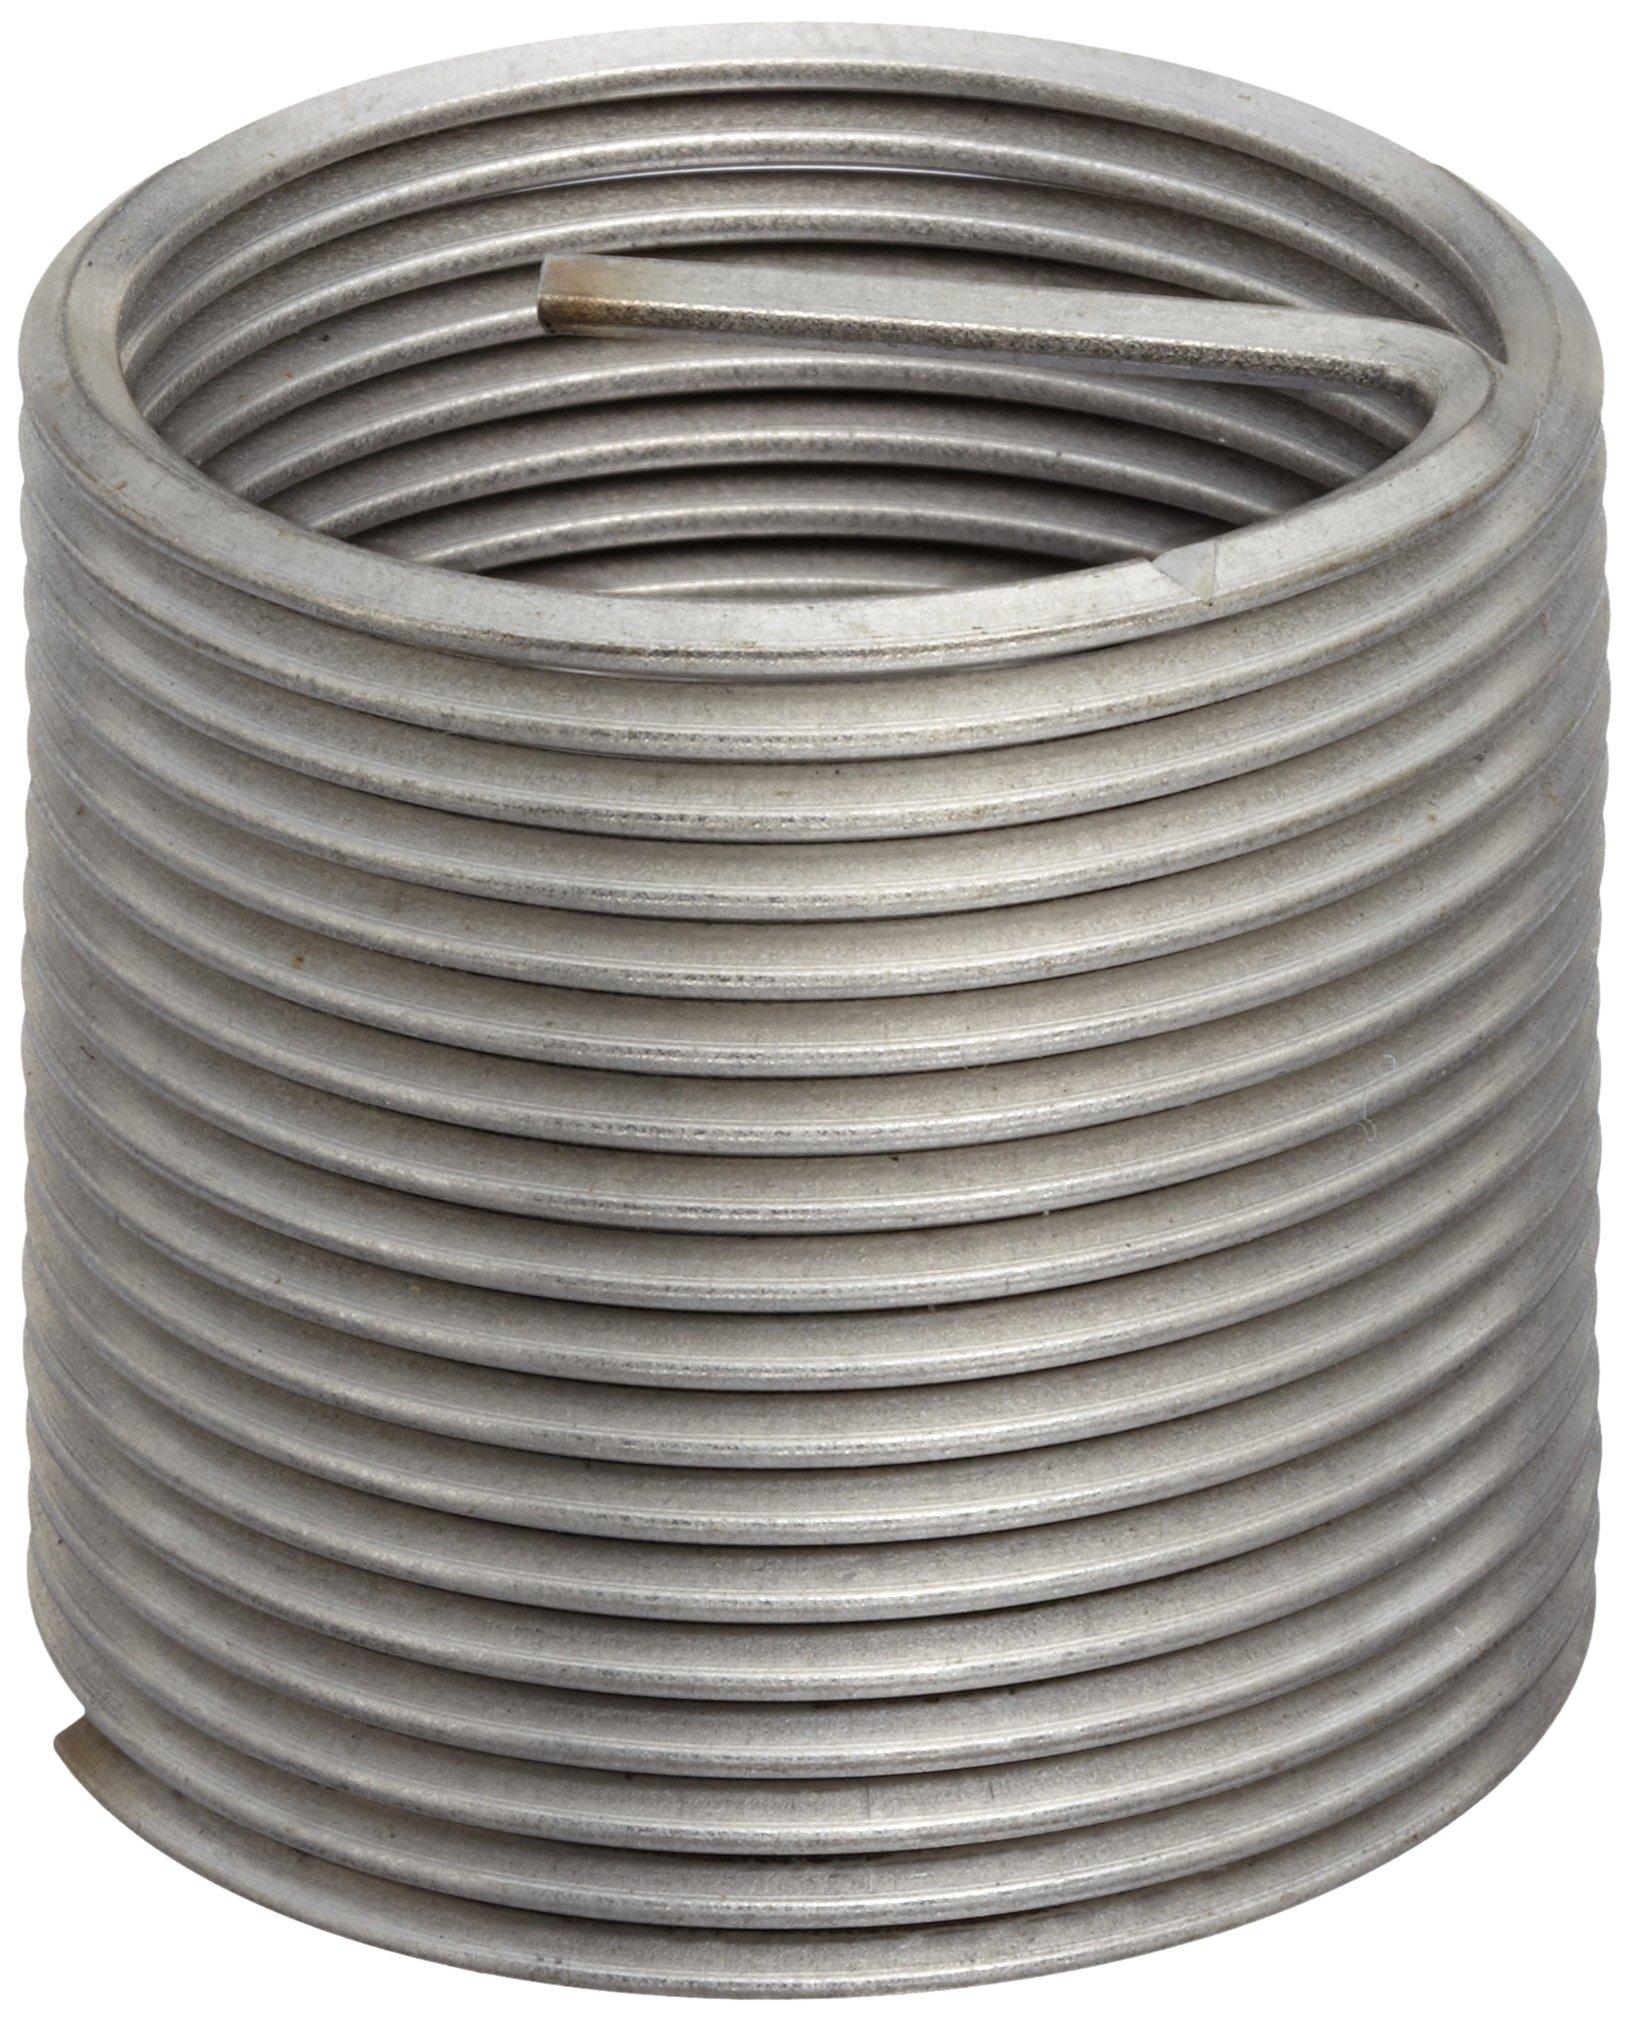 E-Z Lok Threaded Insert, 18-8 Stainless Steel, Helical, 1/4''-28 Internal Threads, 0.500'' Length (Pack of 10)